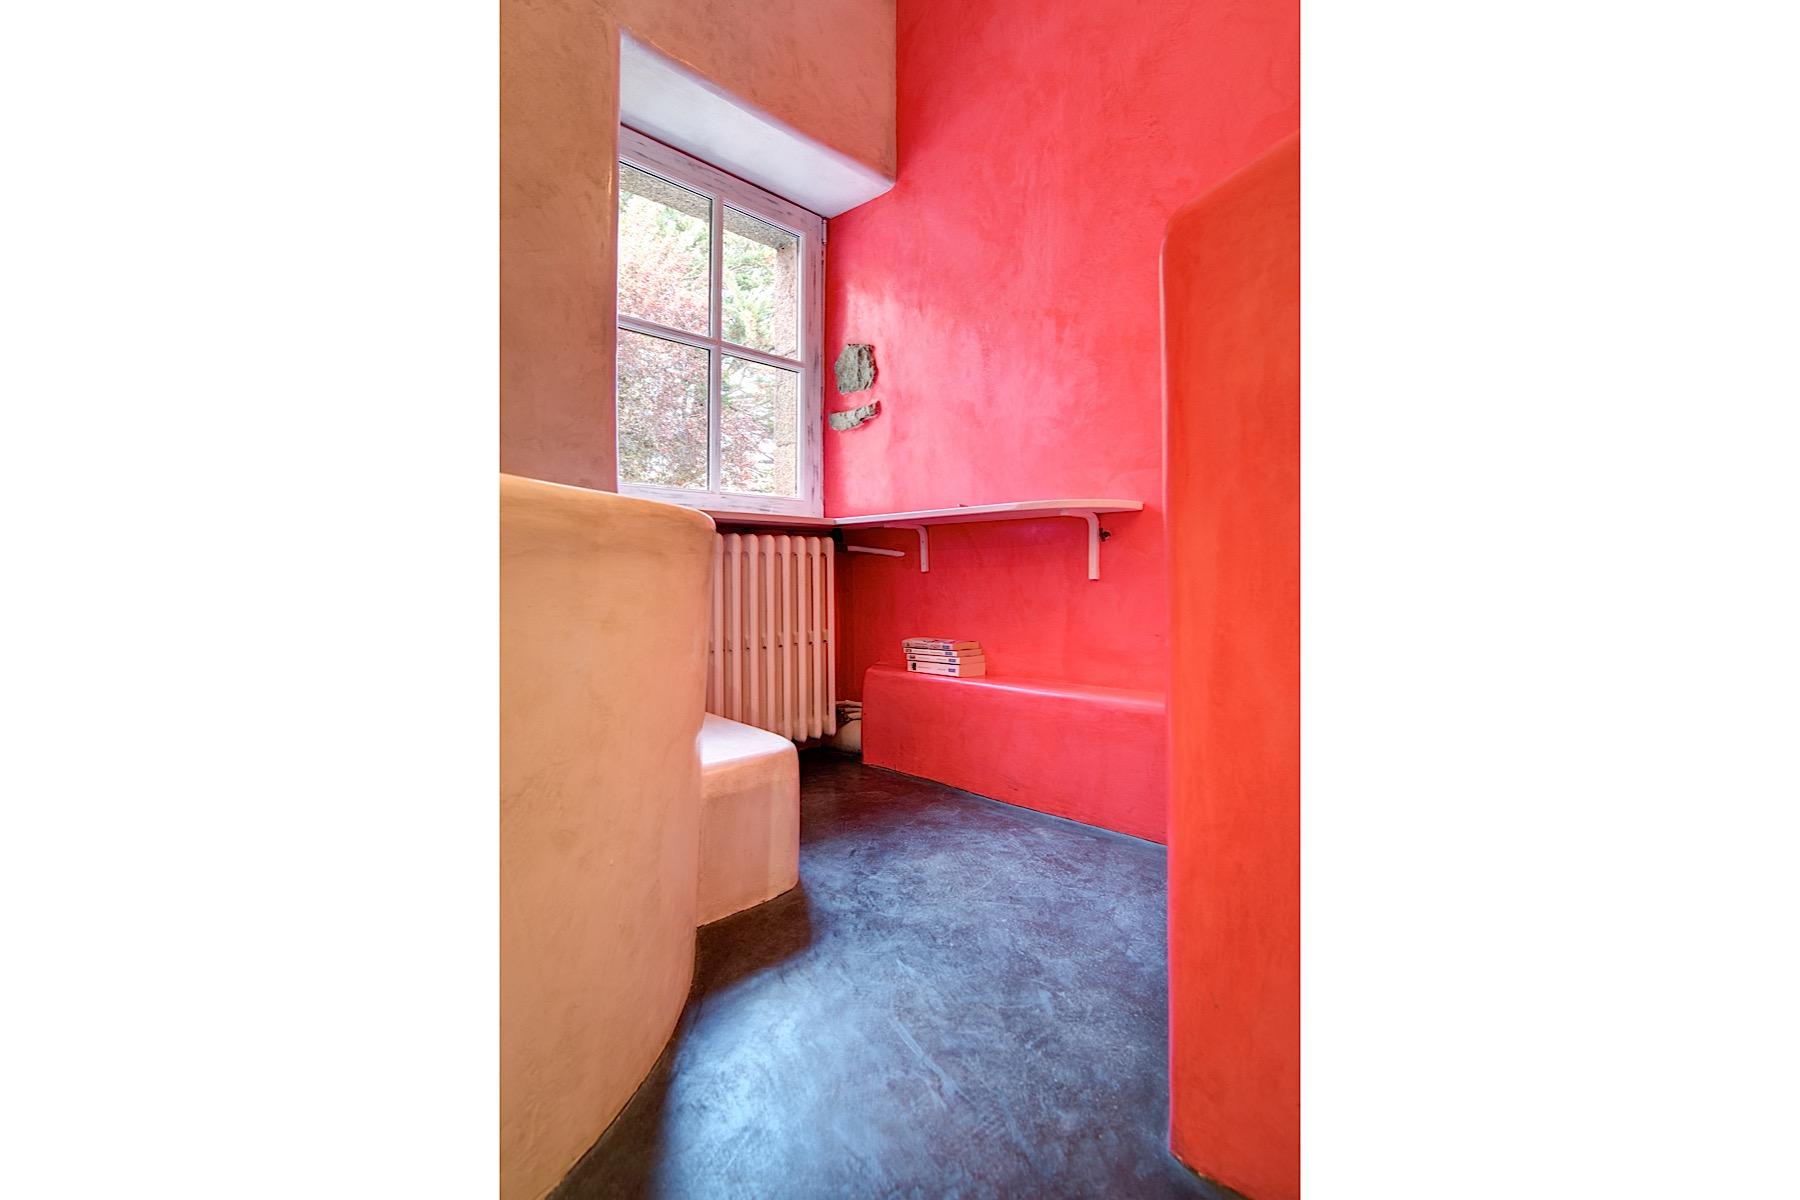 Vignelles ent photos r alisation artisan salle de bain orientale atypix photographie d - Artisan salle de bain ...